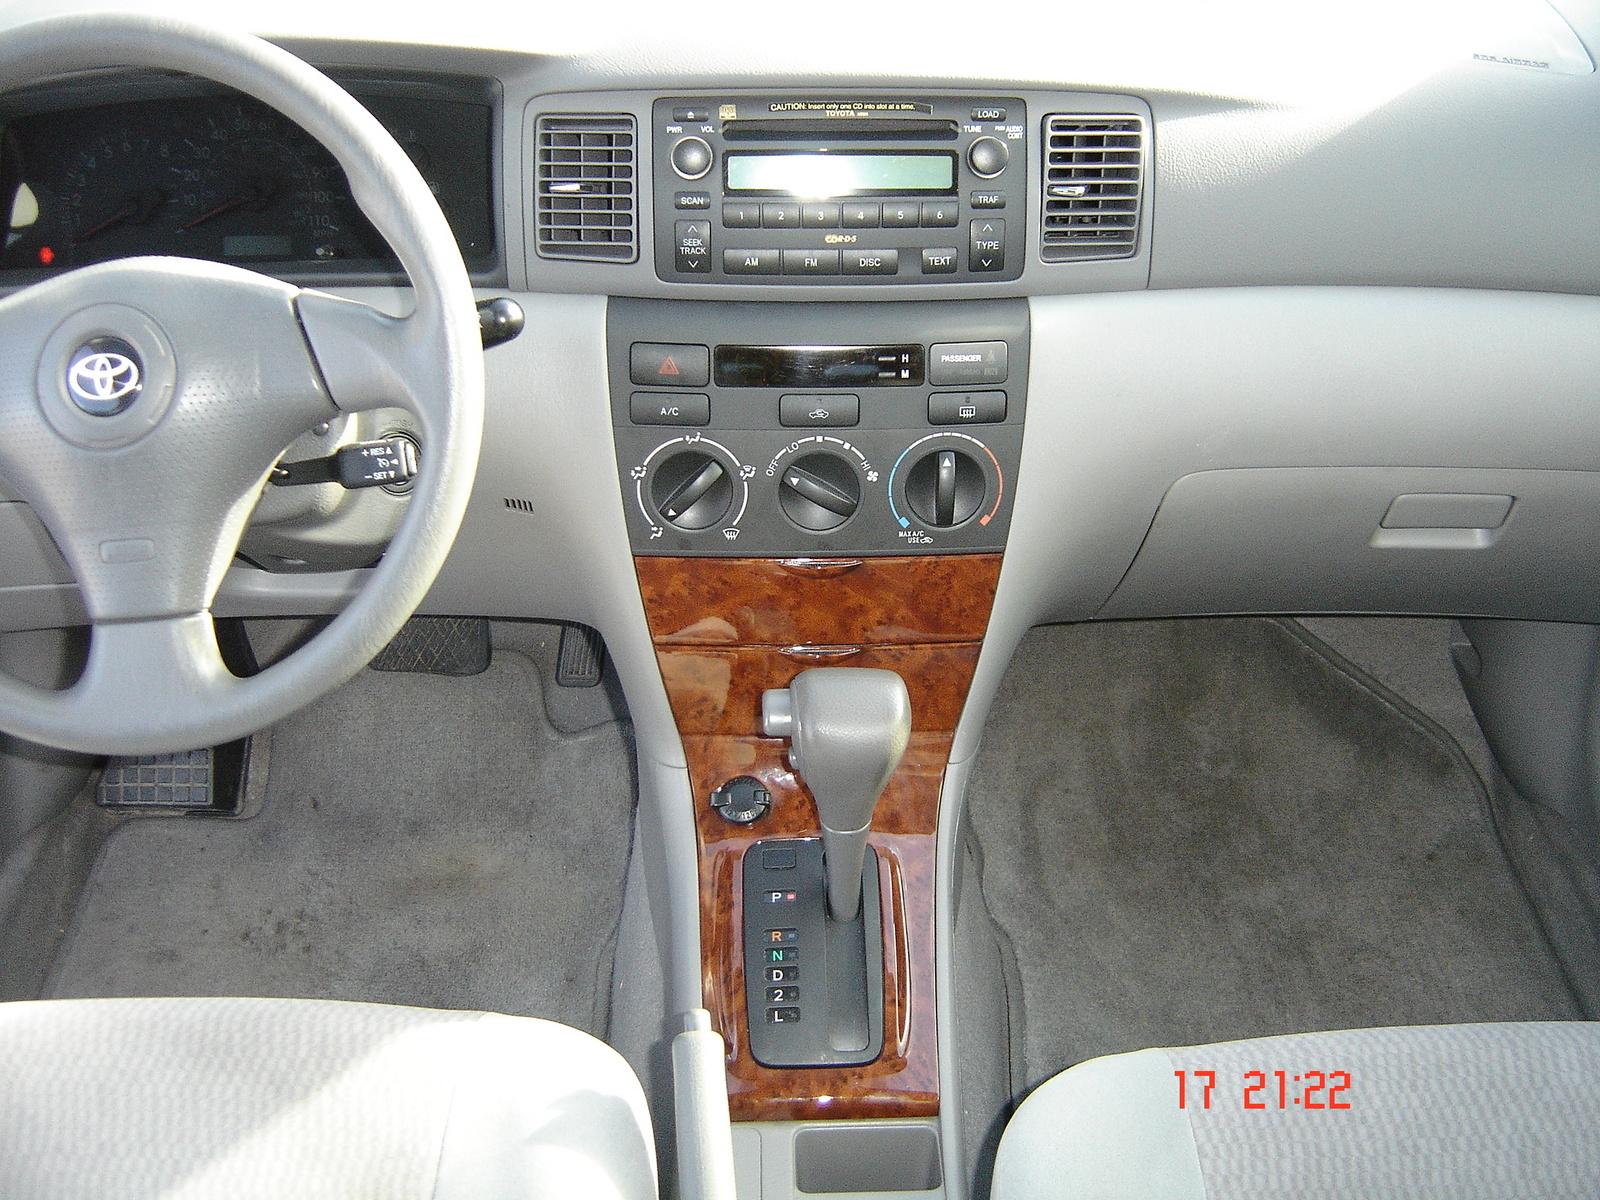 2007 Toyota Corolla Interior Pictures Cargurus